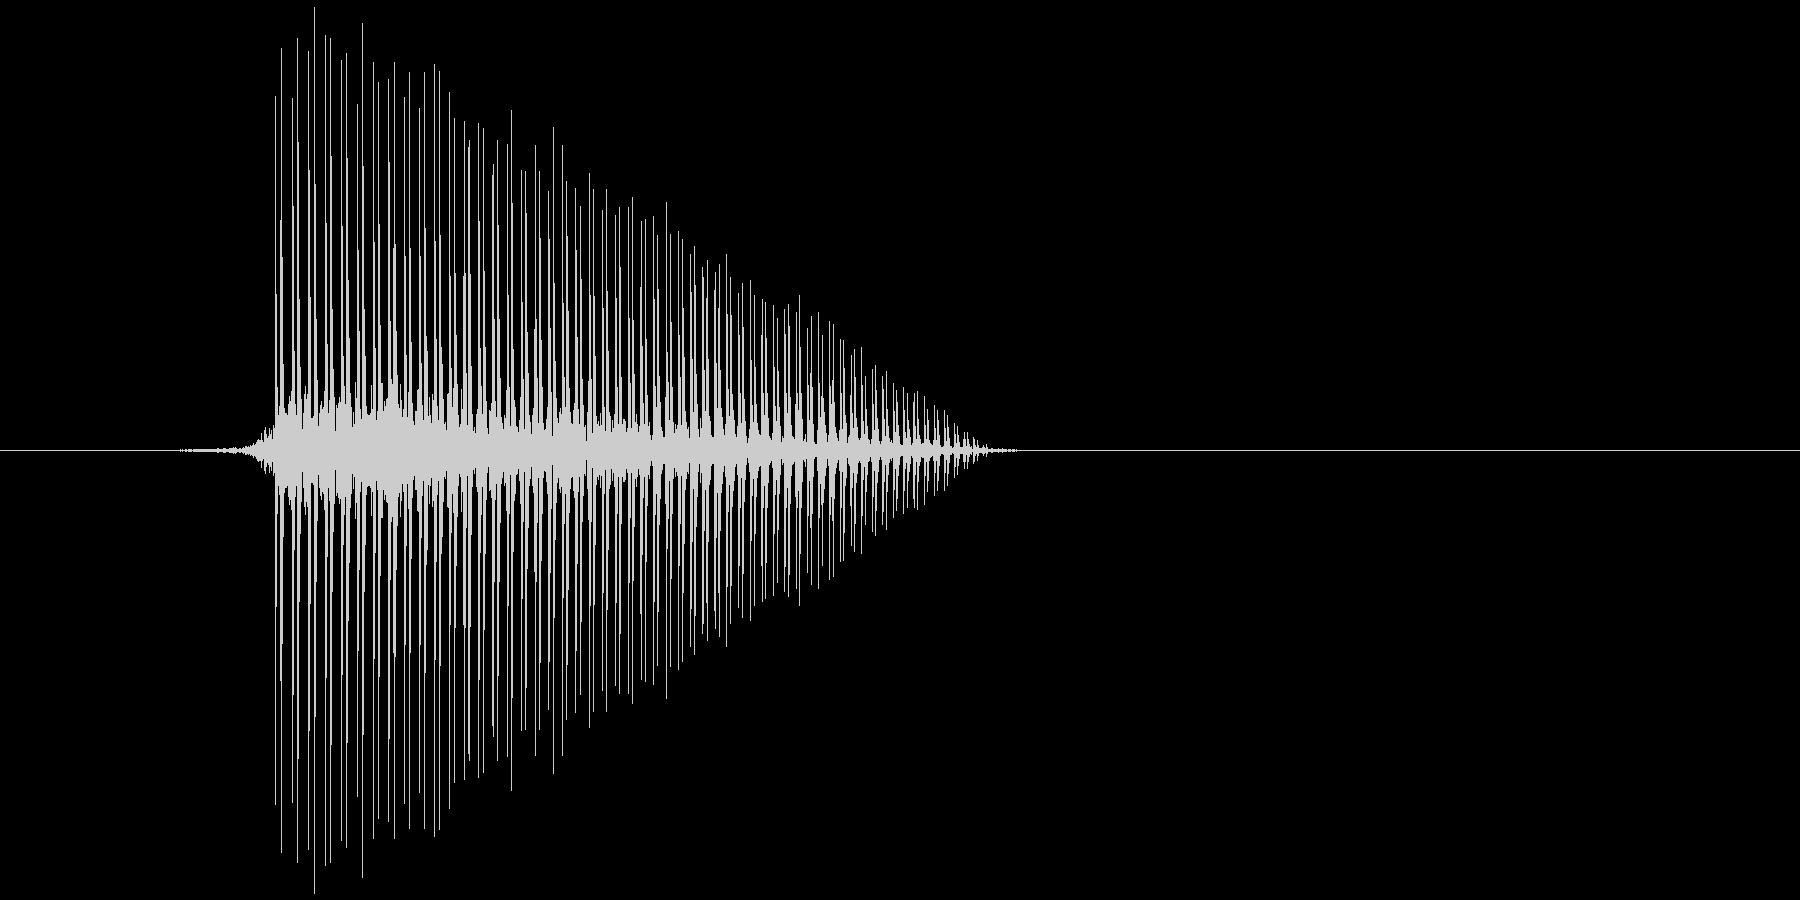 ゲーム(ファミコン風)ジャンプ音_023の未再生の波形